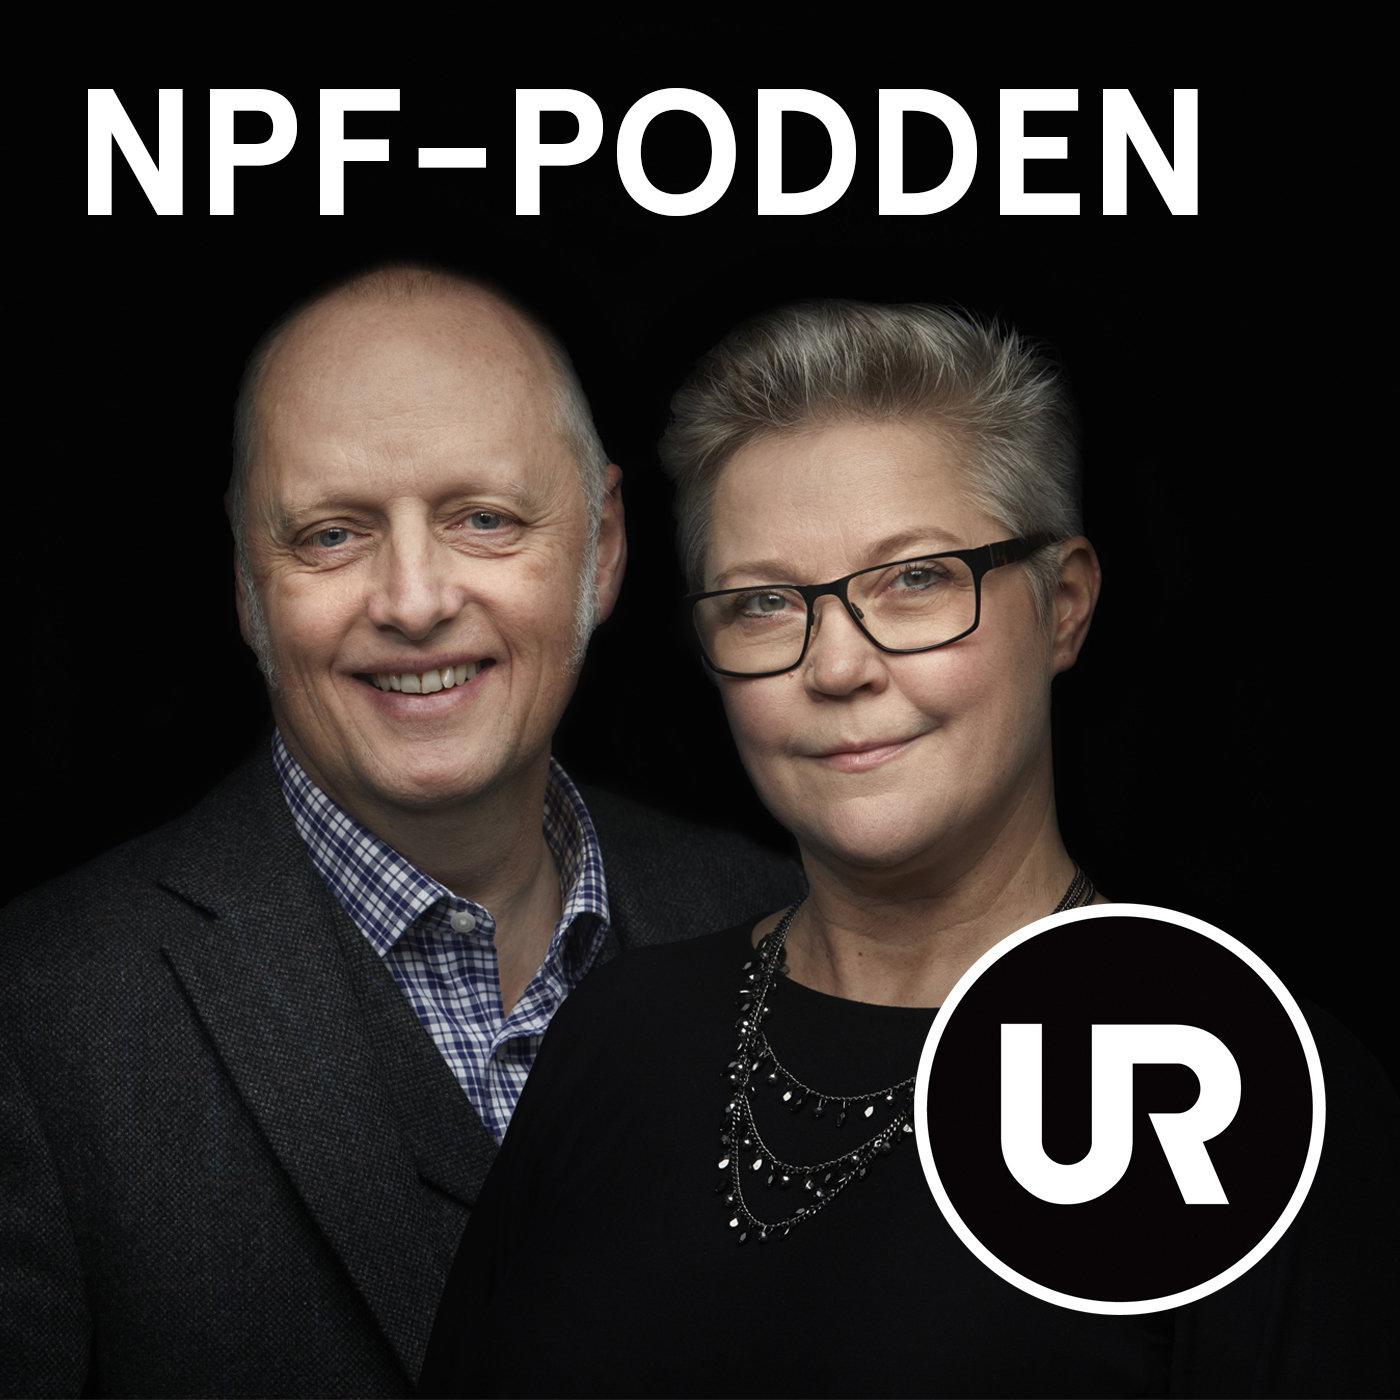 NPF-podden